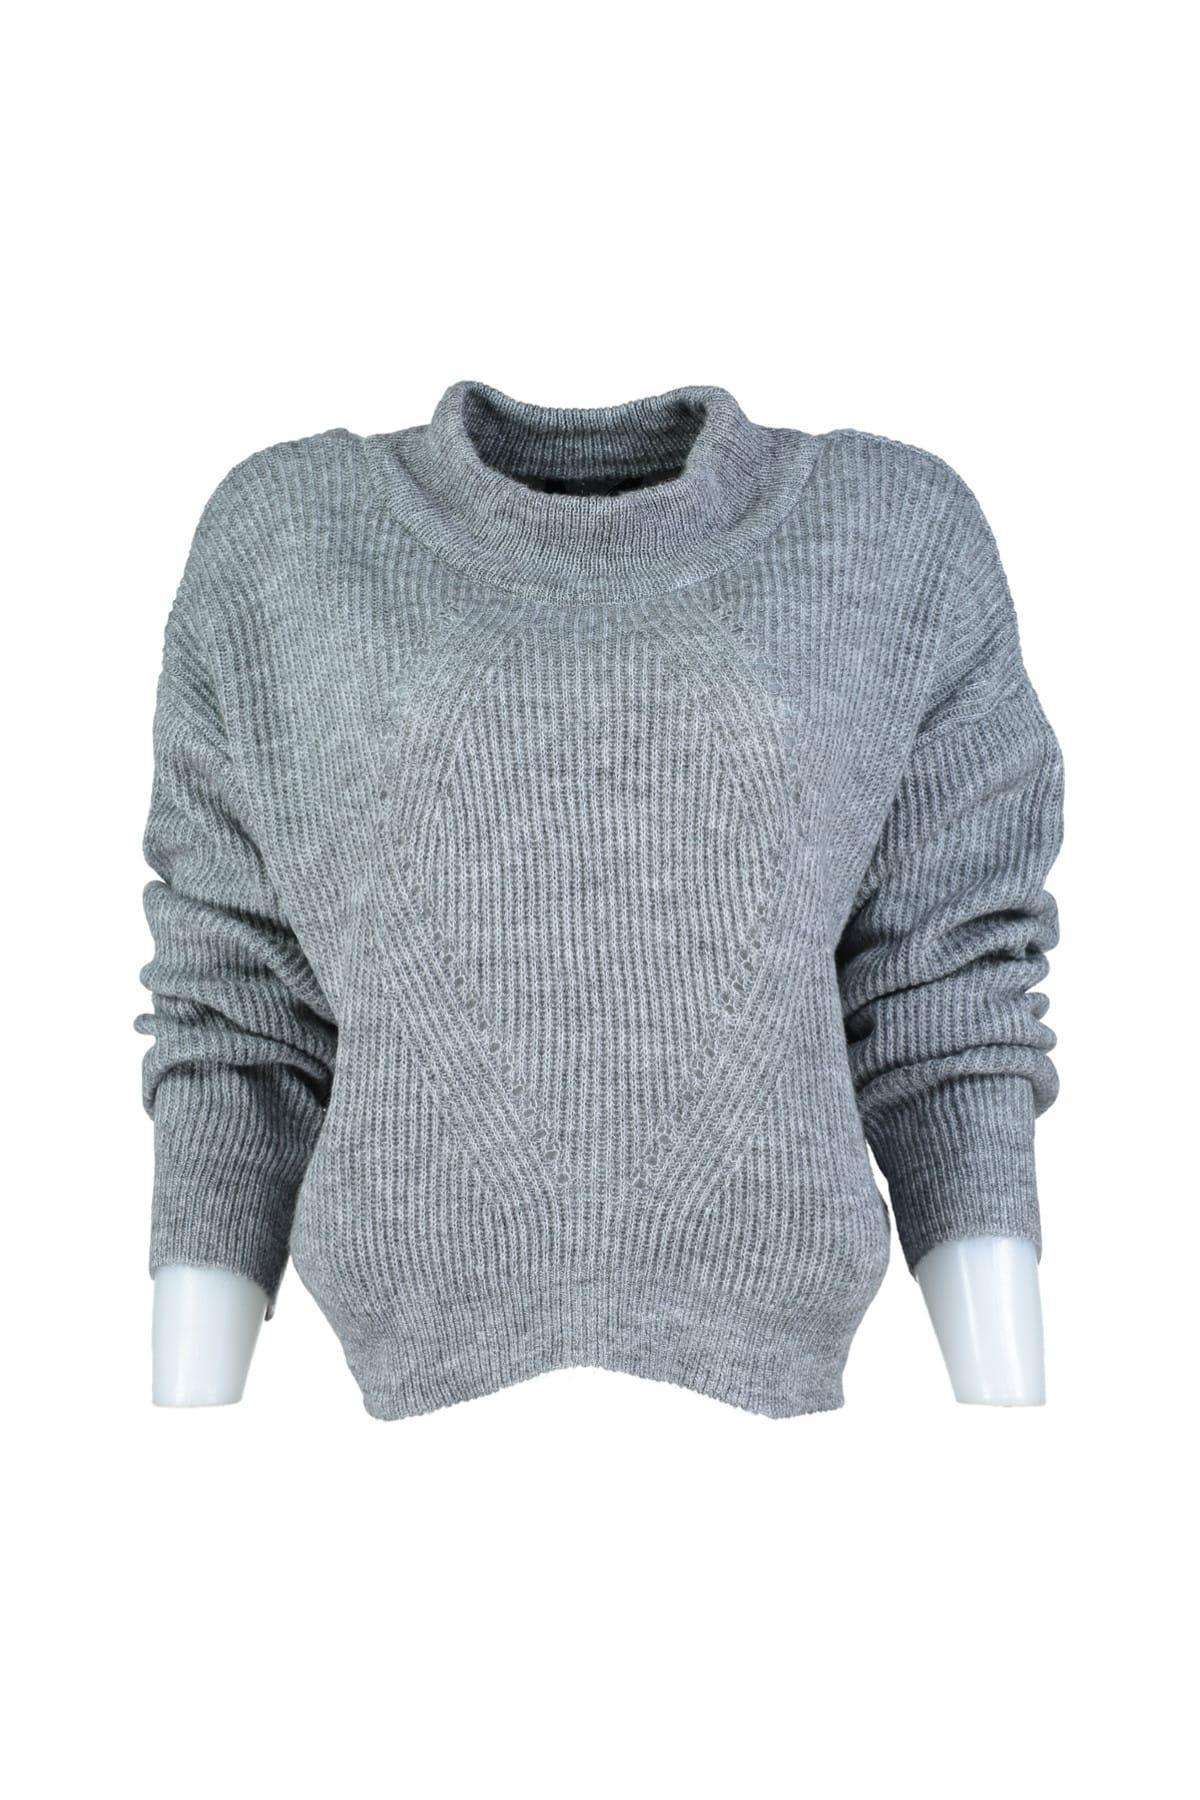 Trendyol WOMEN-Gray Mesh Detayl? Knitwear Sweater TWOAW20ZA0011